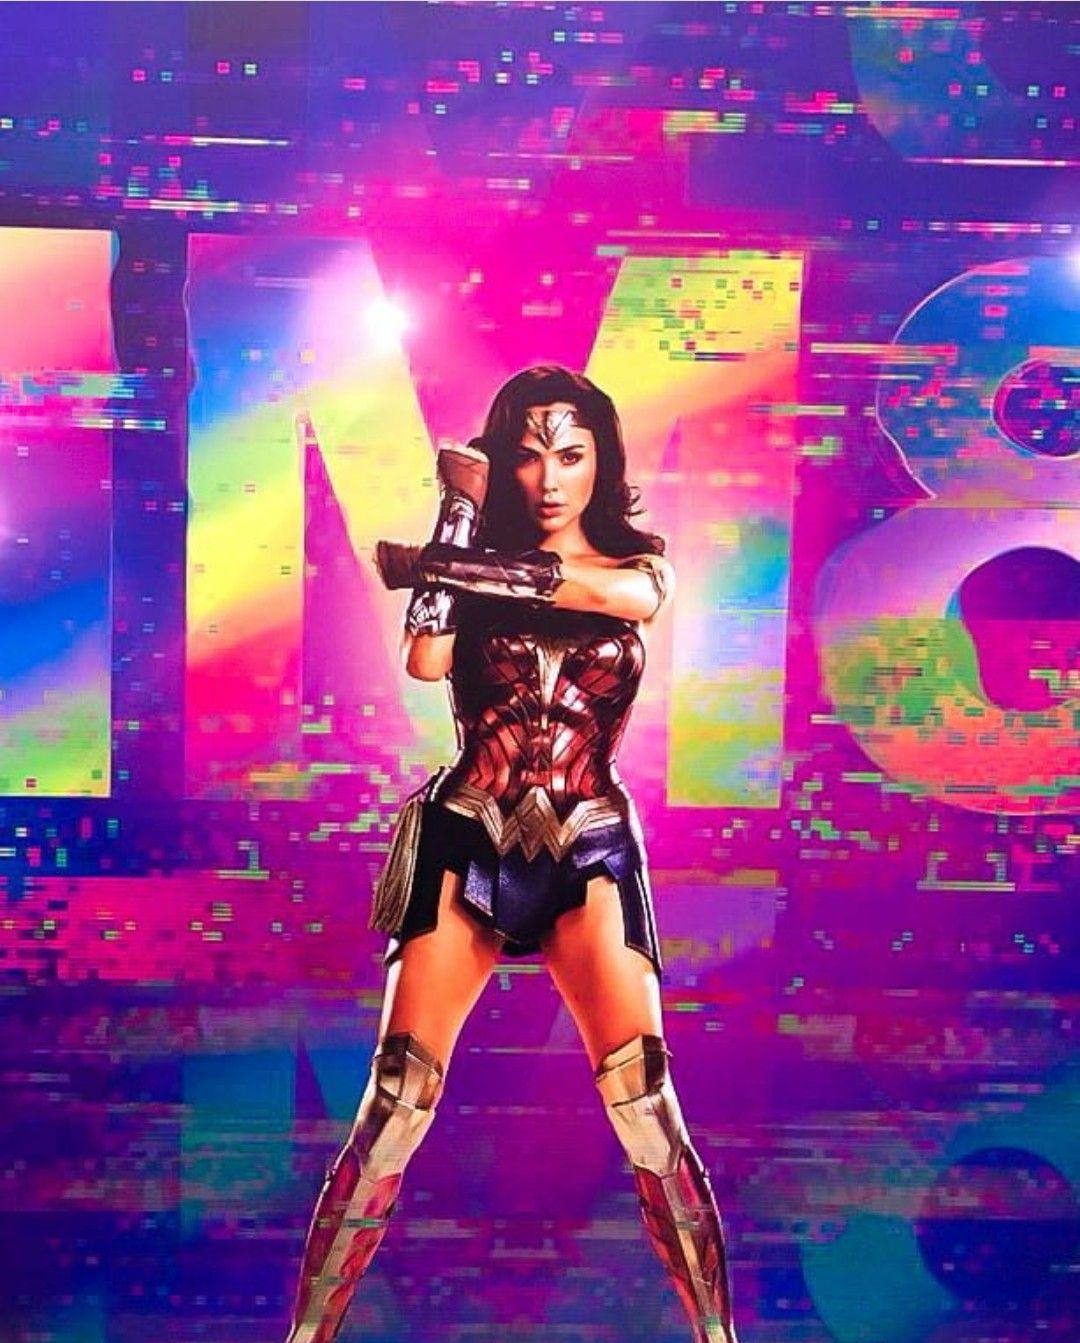 Wonder Woman 1984 Promo Wonder Woman Gal Gadot Wonder Woman Movies By Genre